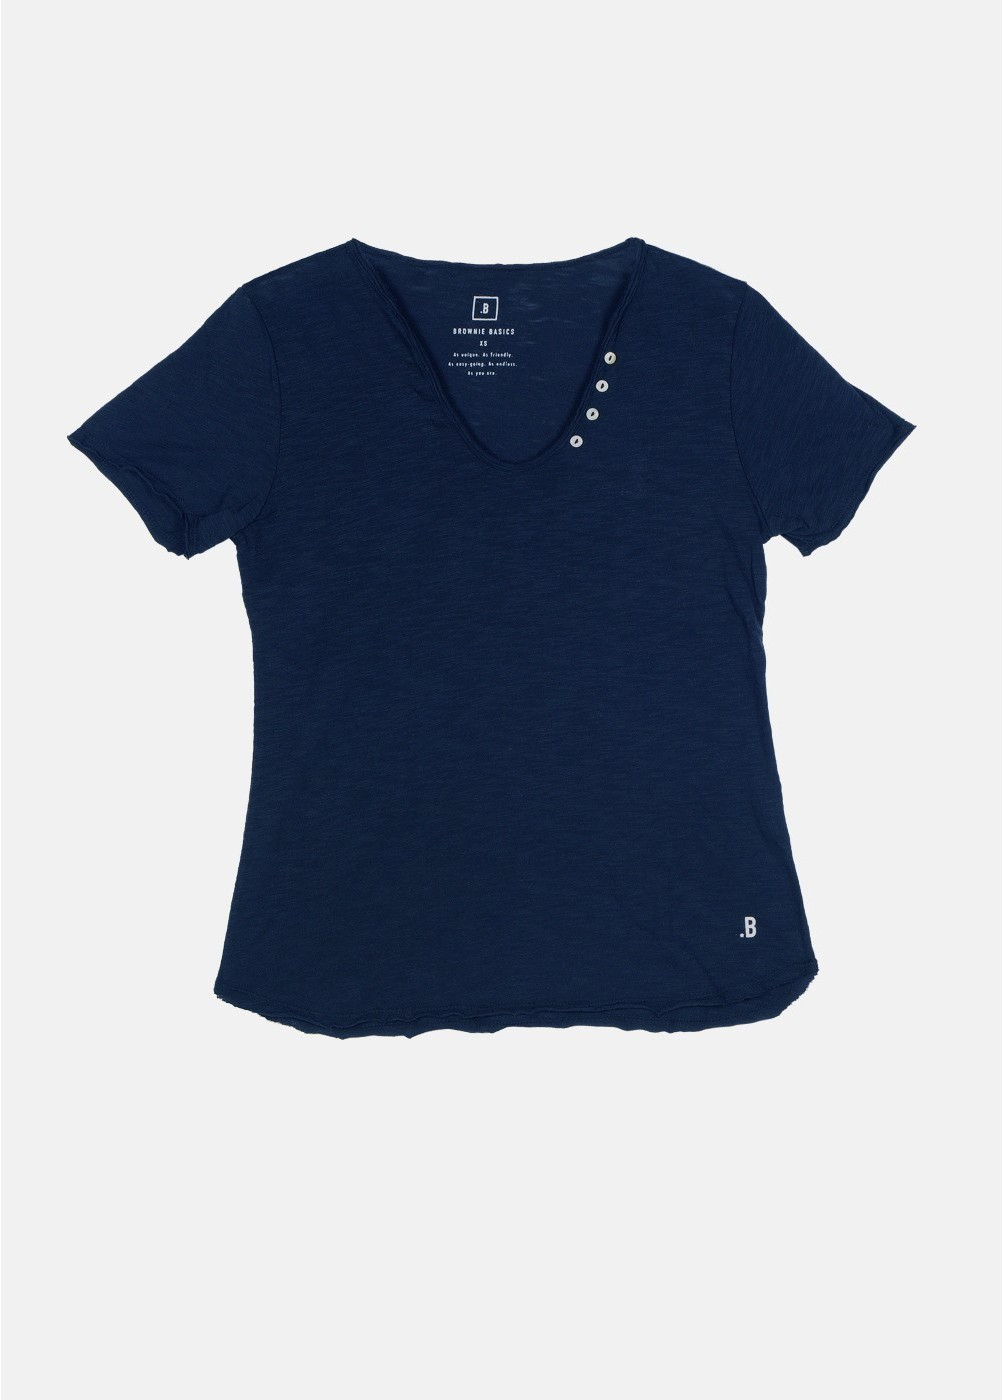 Camiseta Blanca M/C Botones